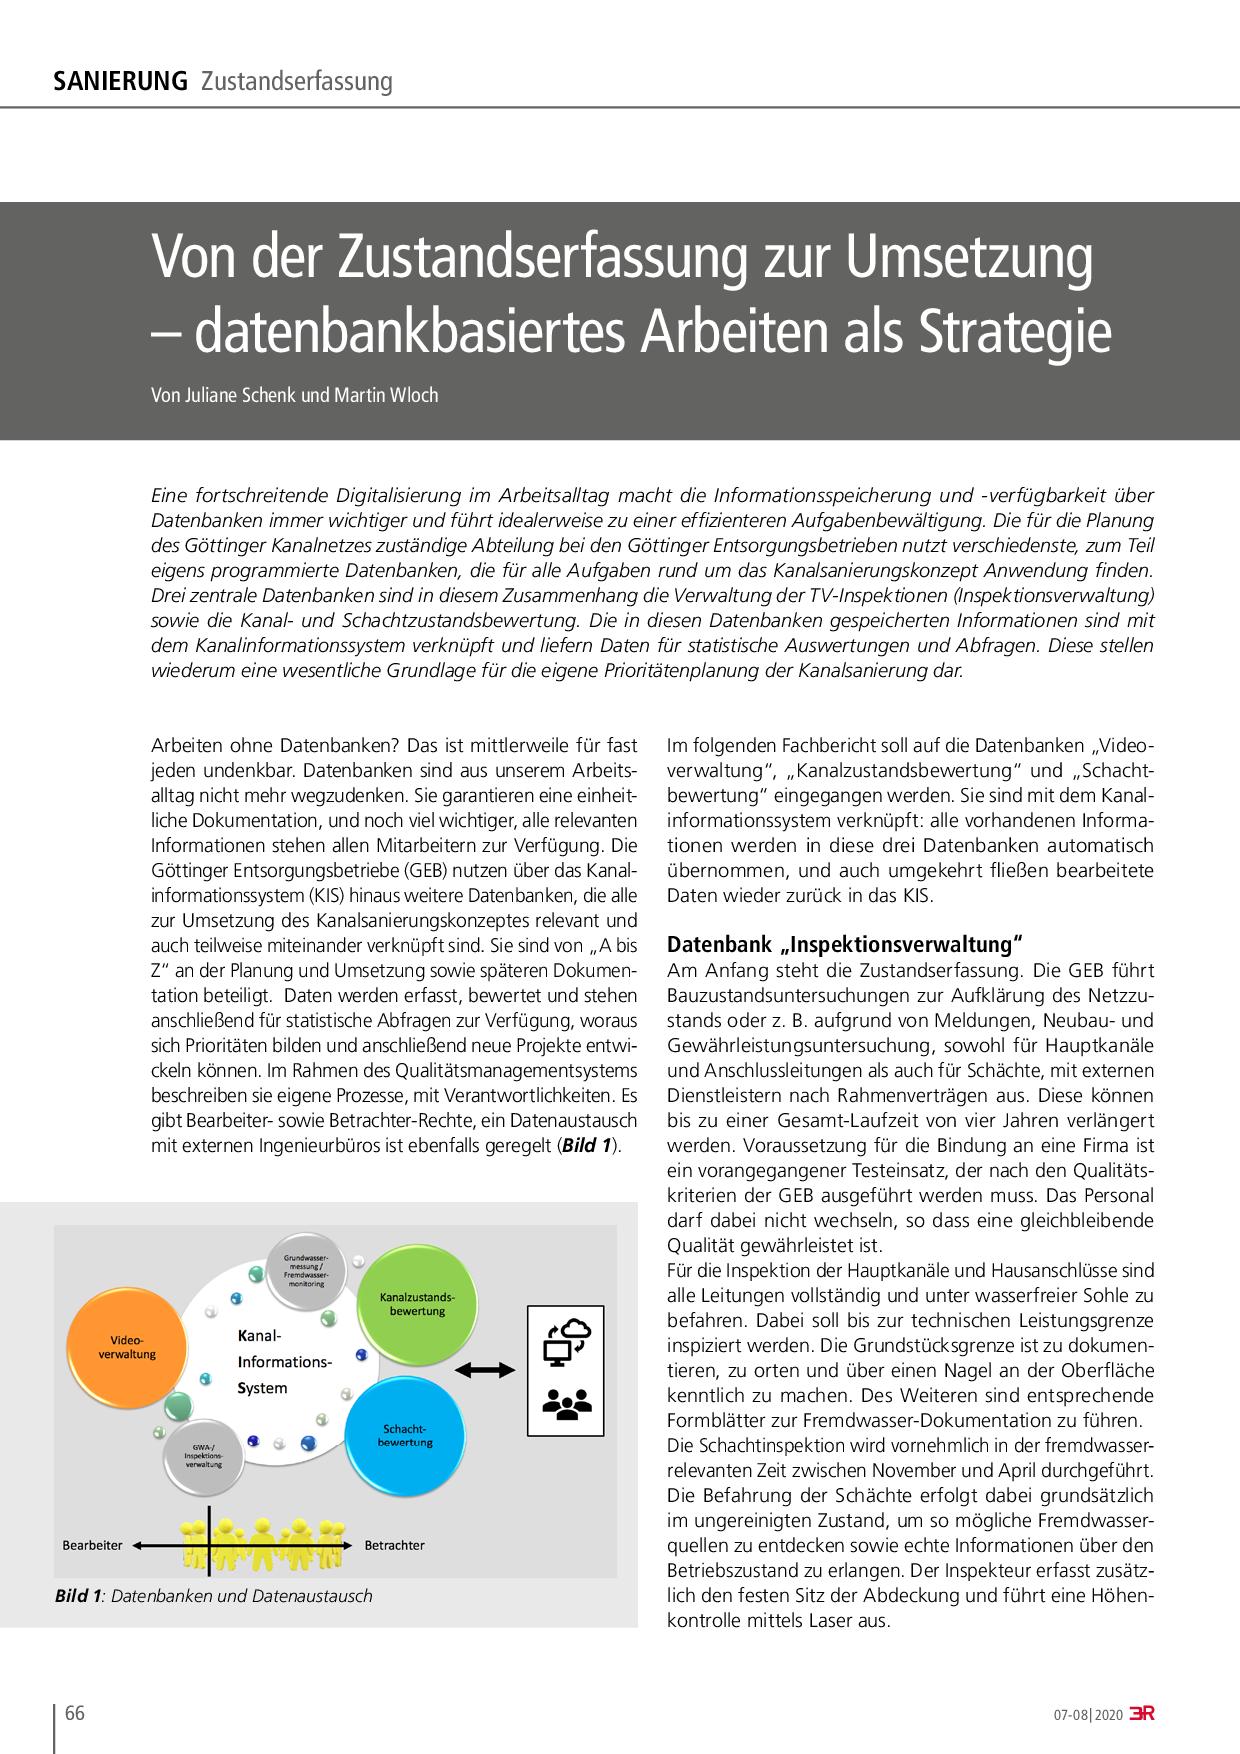 Von der Zustandserfassung zur Umsetzung – datenbankbasiertes Arbeiten als Strategie